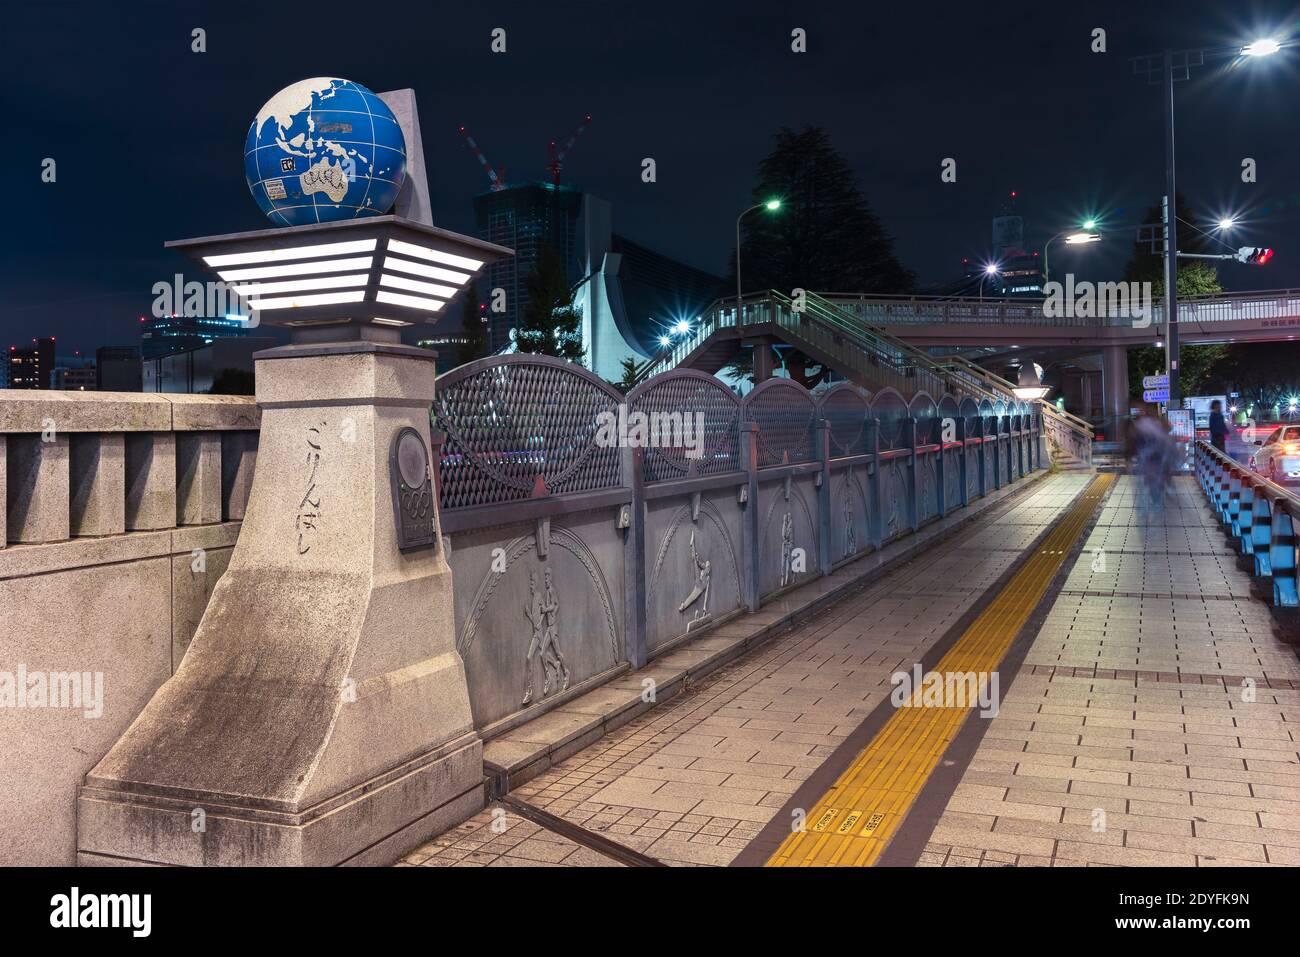 tokio, japón - noviembre 02 2020: Vista nocturna del puente olímpico llamado Gorinbashi en el distrito de Harajuku creado para los Juegos Olímpicos de 1964 y coronado b Foto de stock